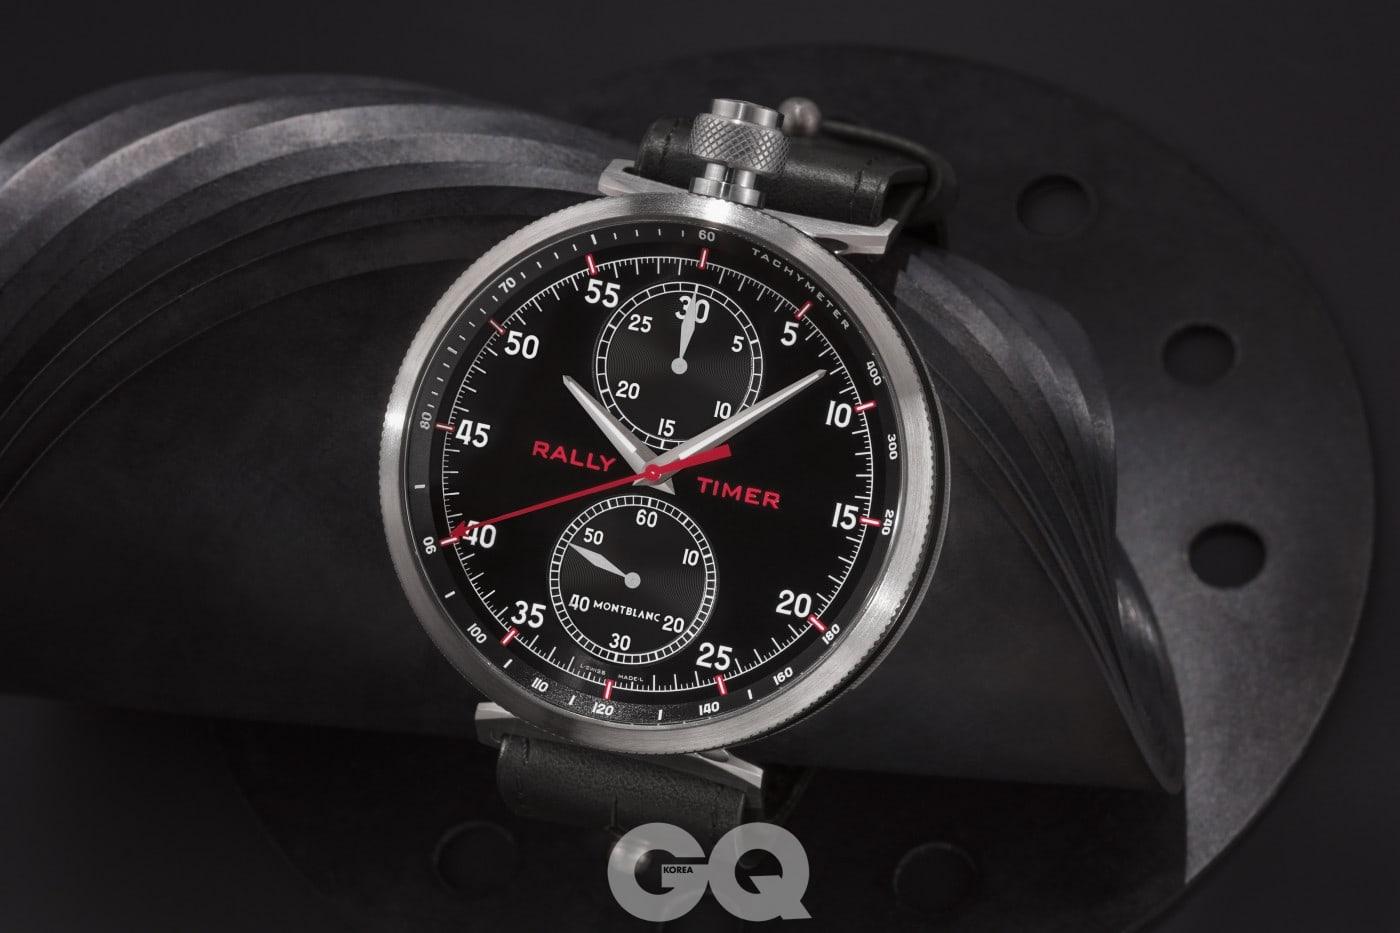 미네르바의 랠리 타이머 스톱워치에서 영감받아 만든 몽블랑 타임워커 크로노그래프 랠리 타이머 카운터 리미티드 에디션 100. 손목 시계과 회중 시계 두 가지로 변형이 가능하다.